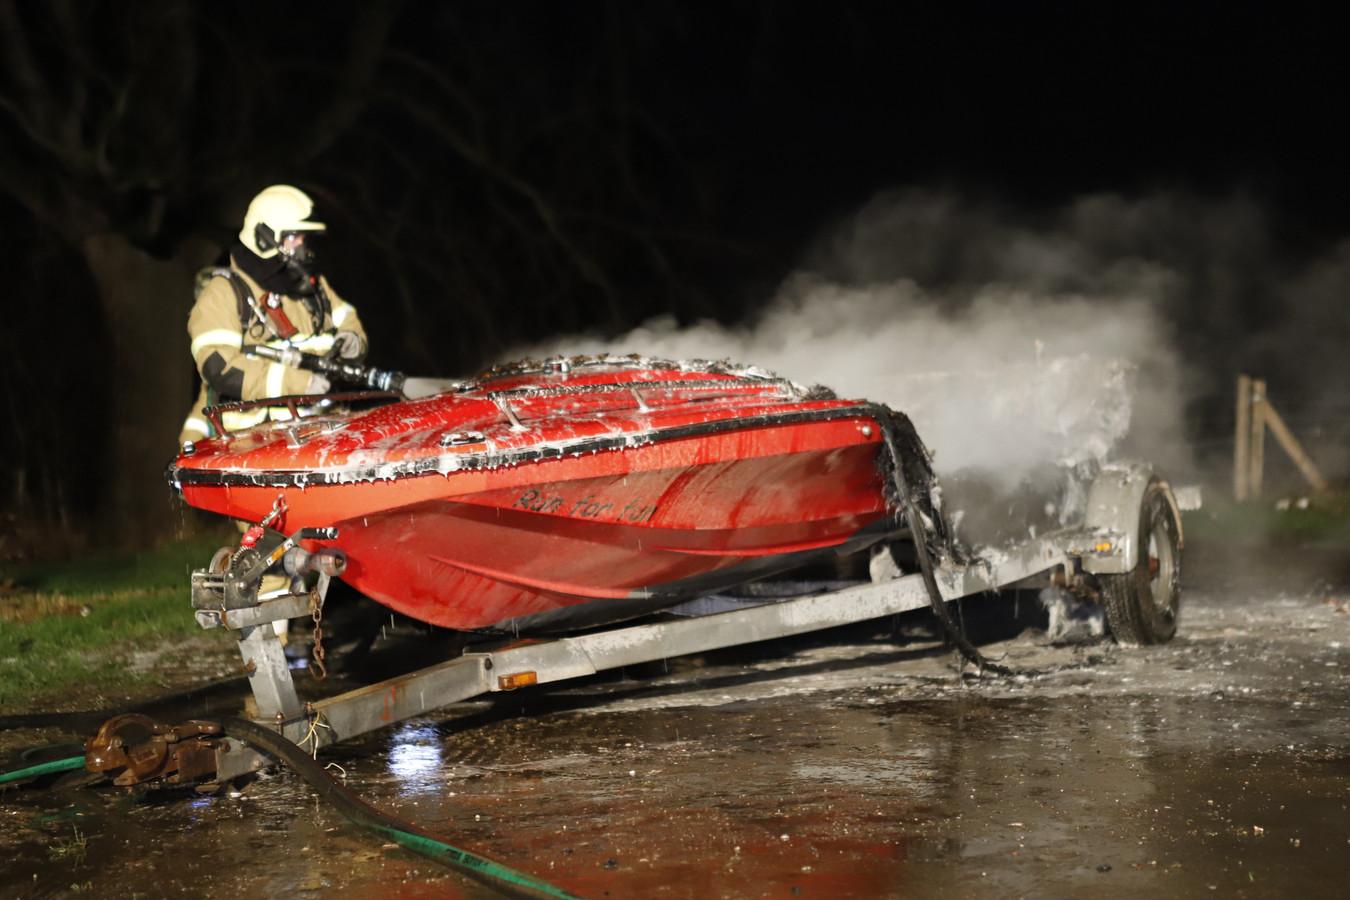 De speedboot is uitgebrand.